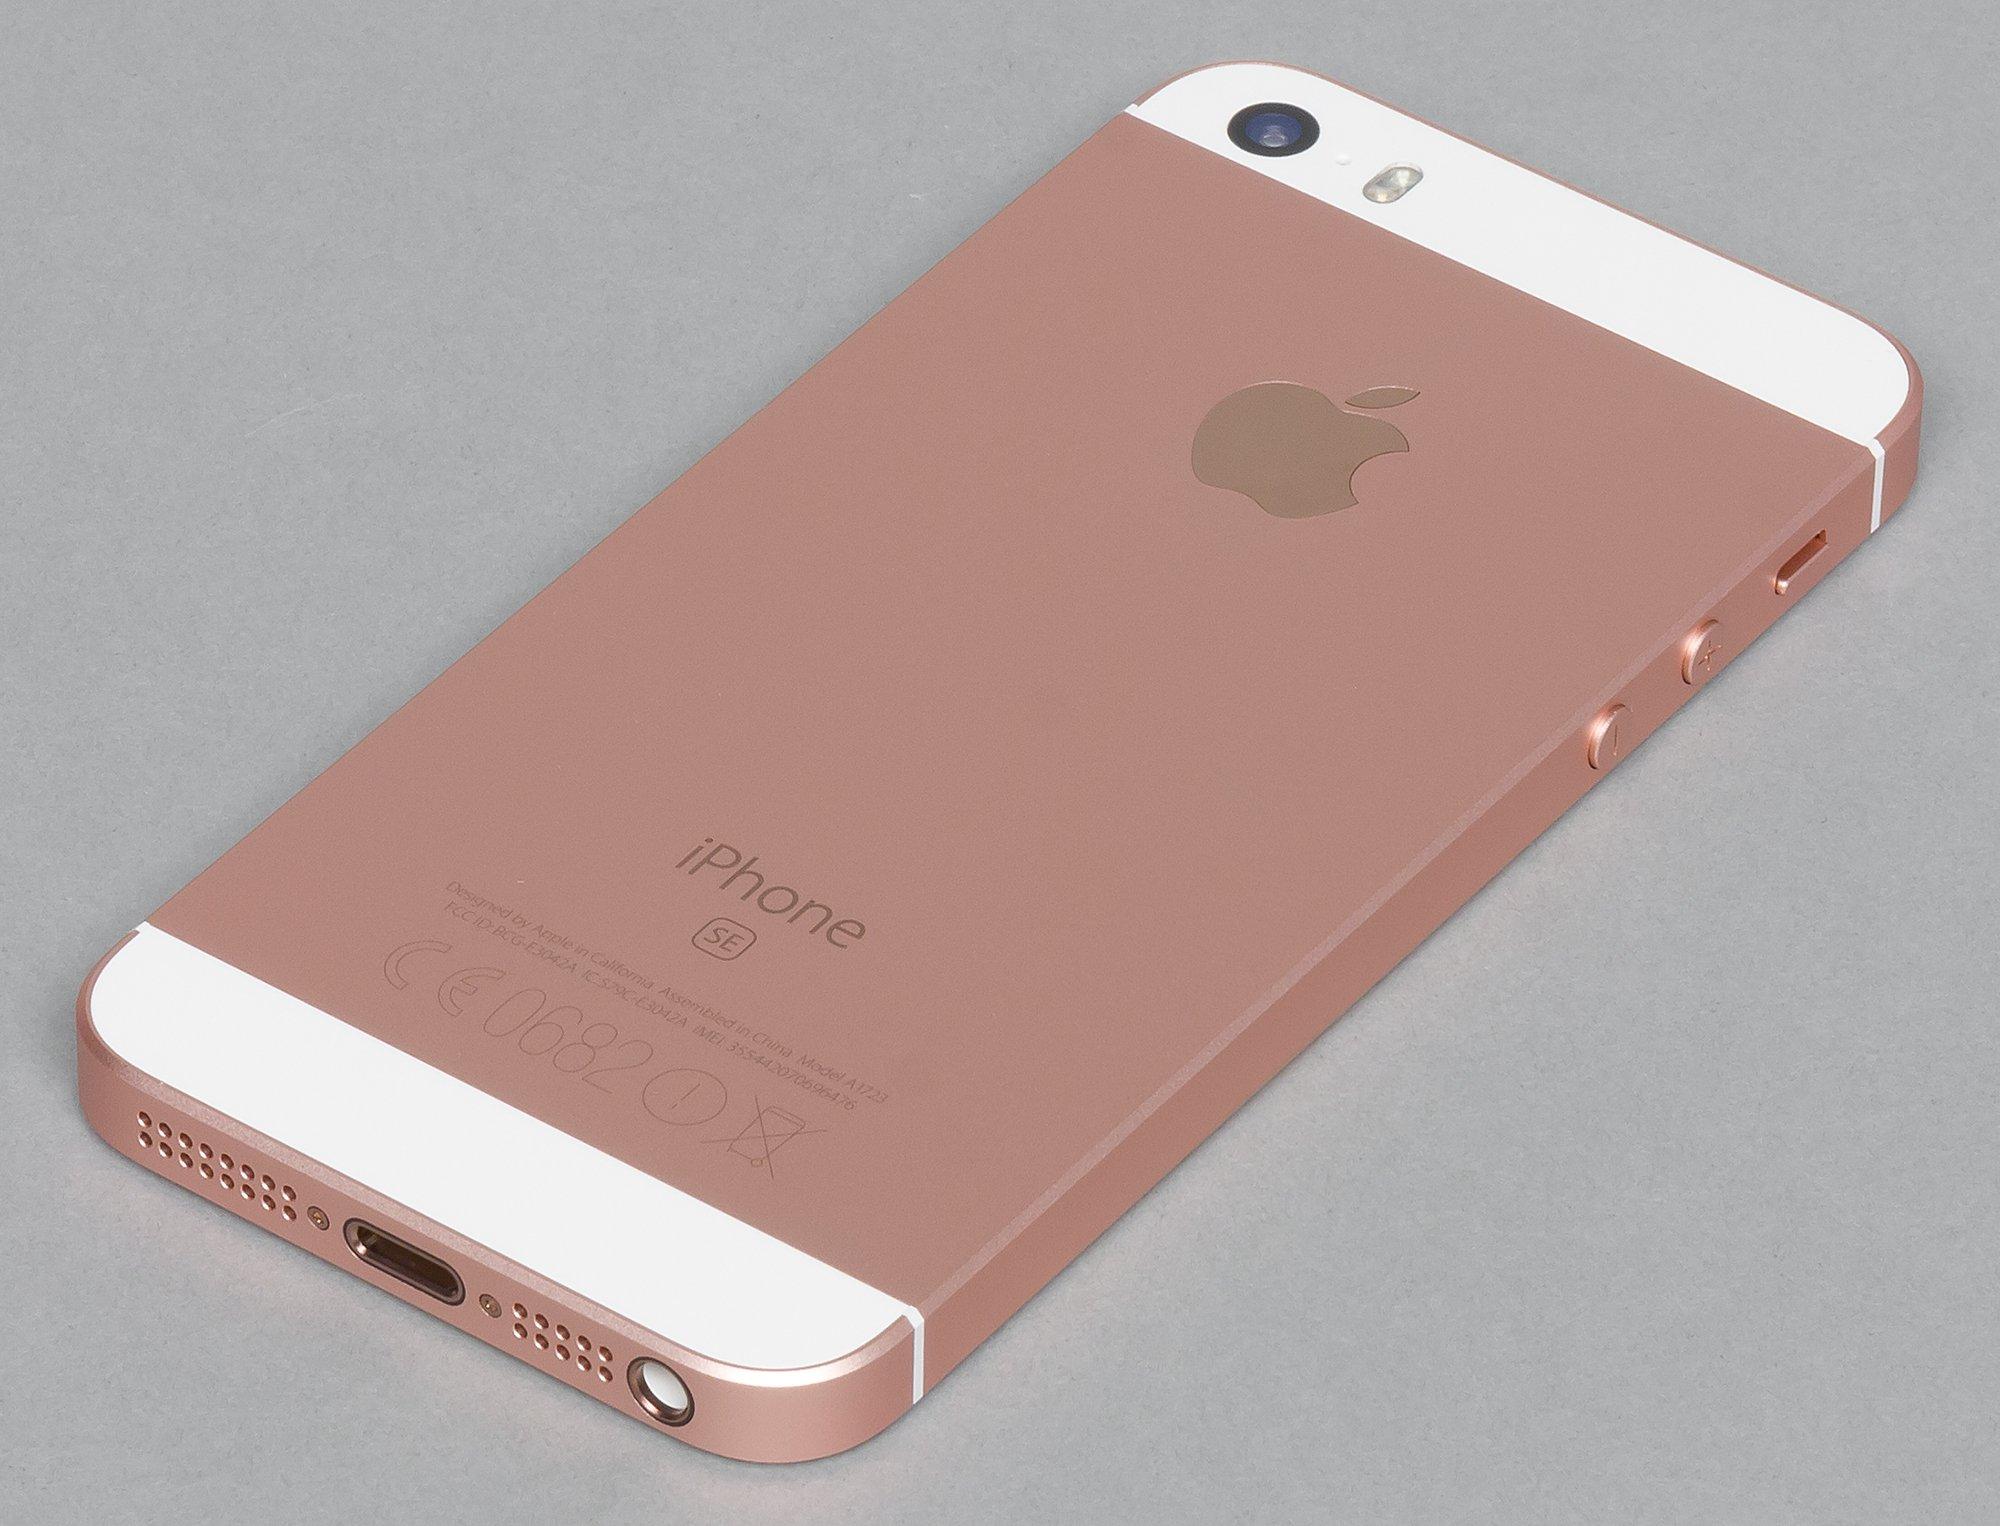 Обзорная характеристика смартфона iPhone 5s